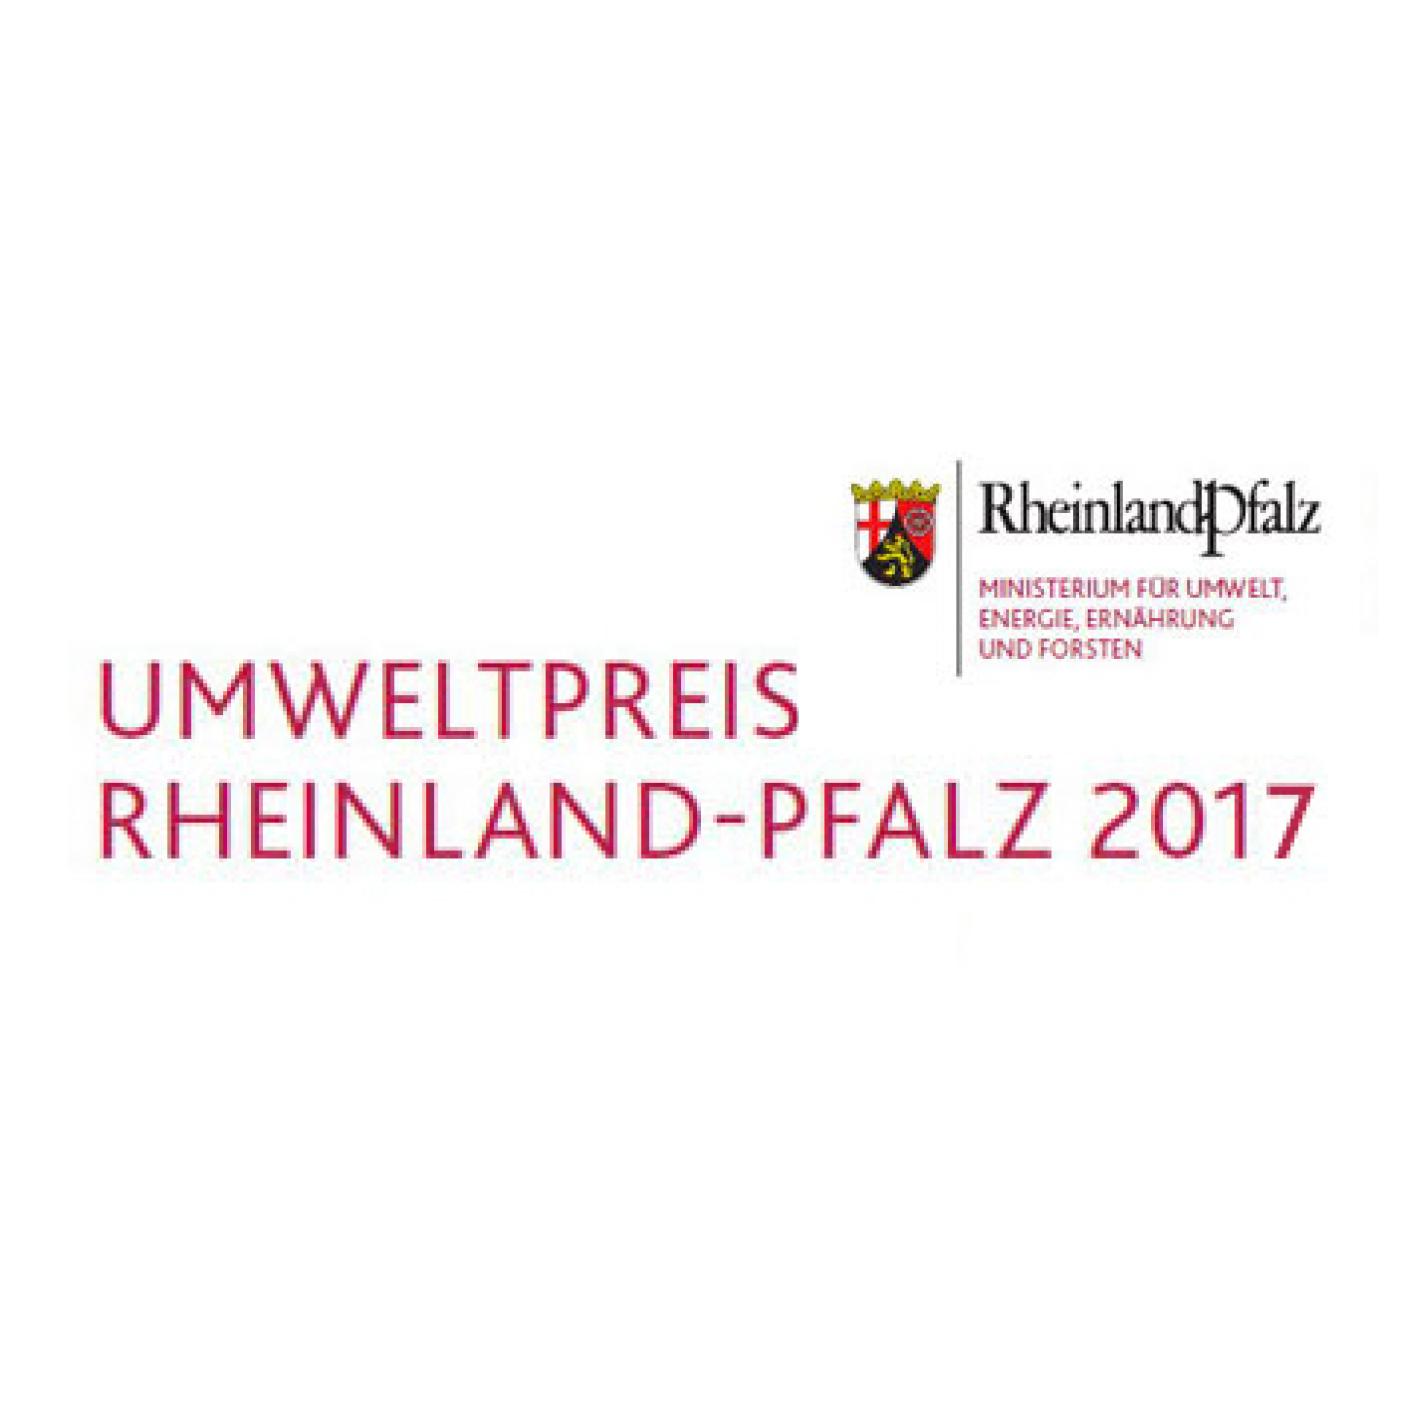 Umweltpreis Rheinland-Pfalz 2017